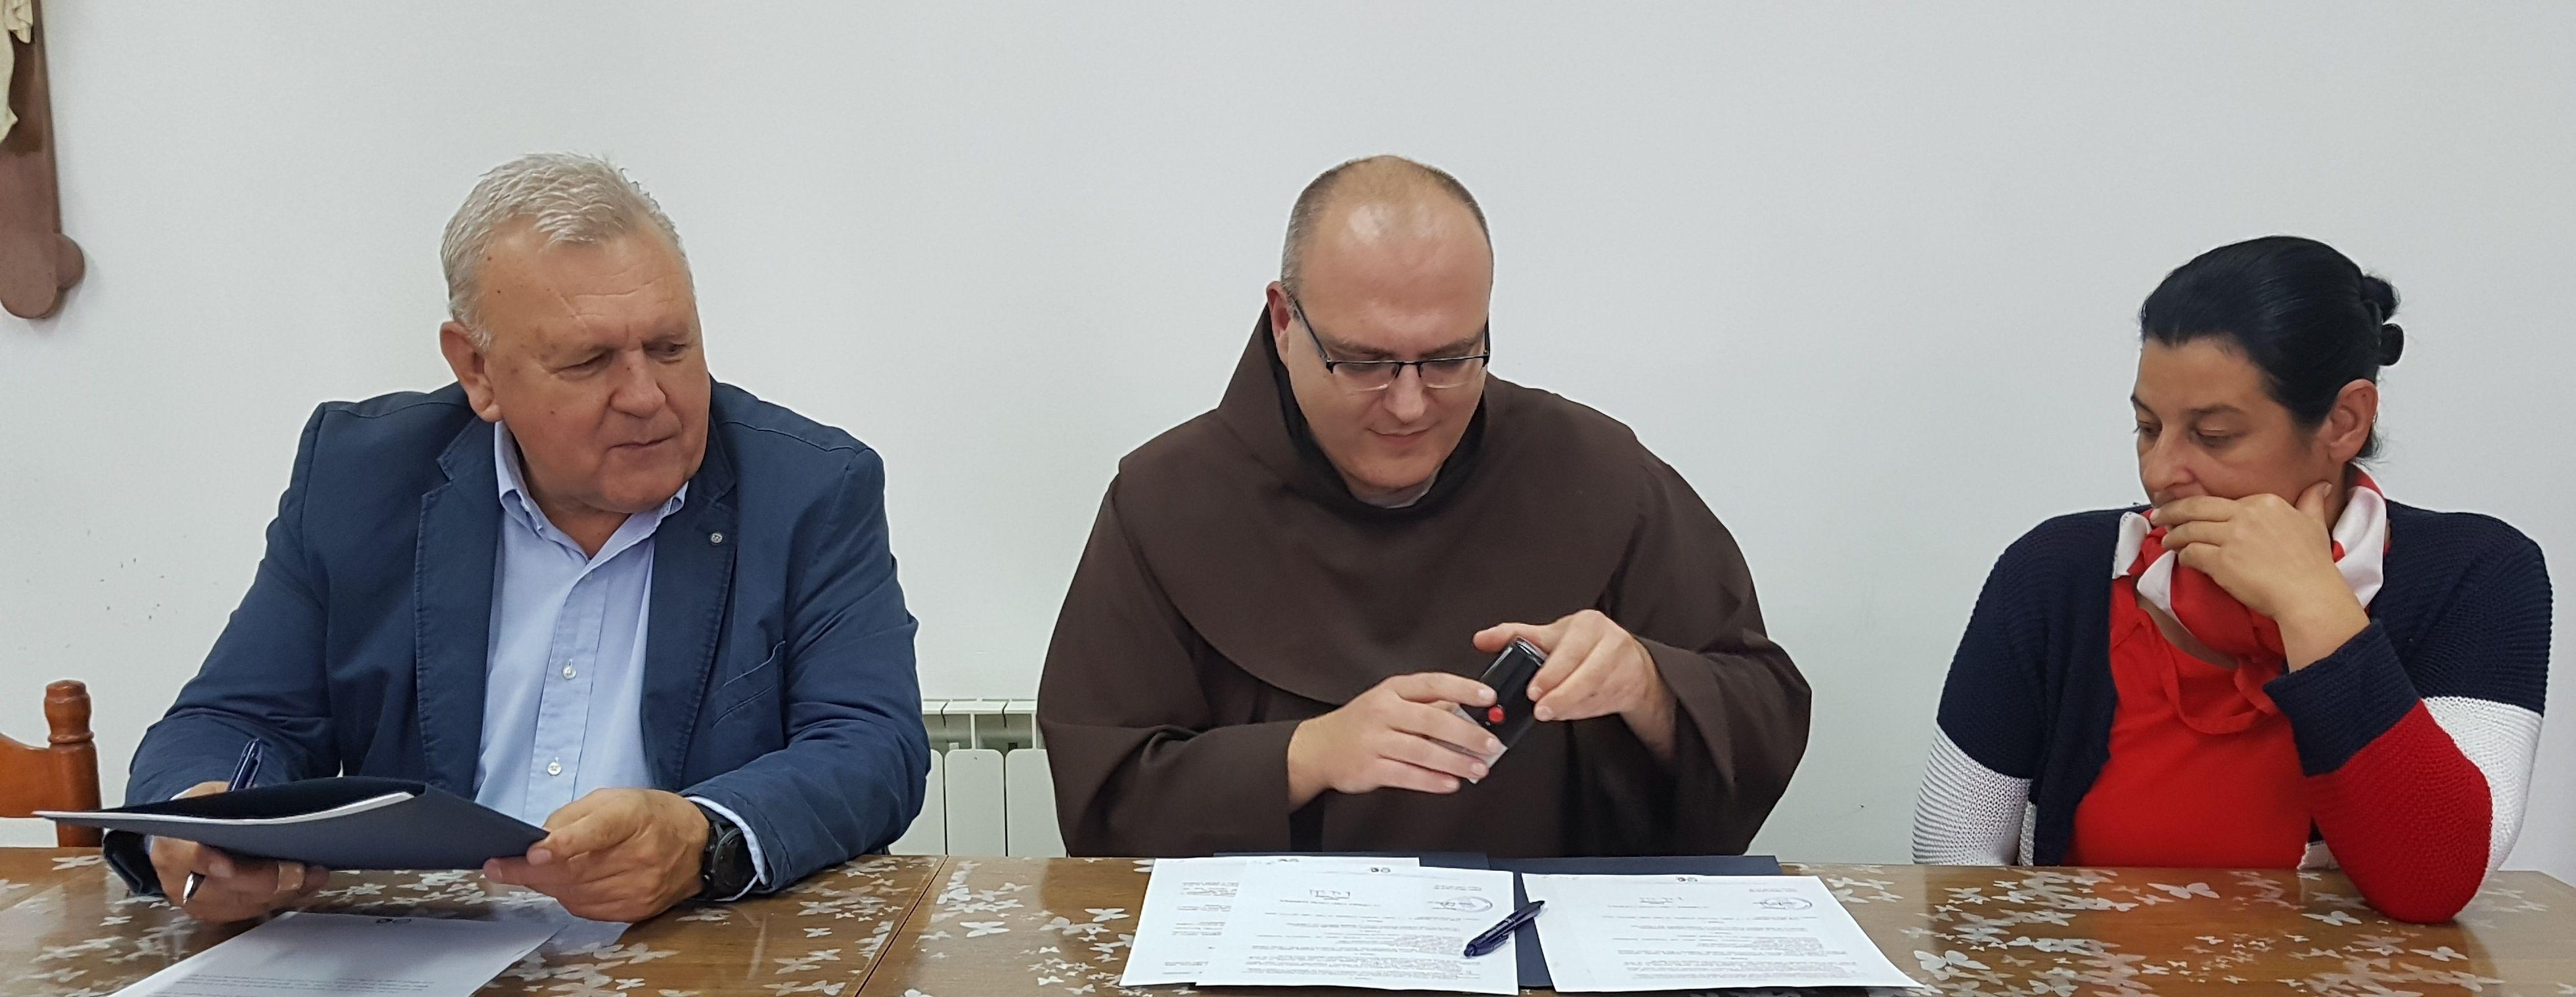 Županija nastavlja pomagati rad vjerskih i karitativnih djelatnosti – za iduću godinu najavljeno povećanje sredstava